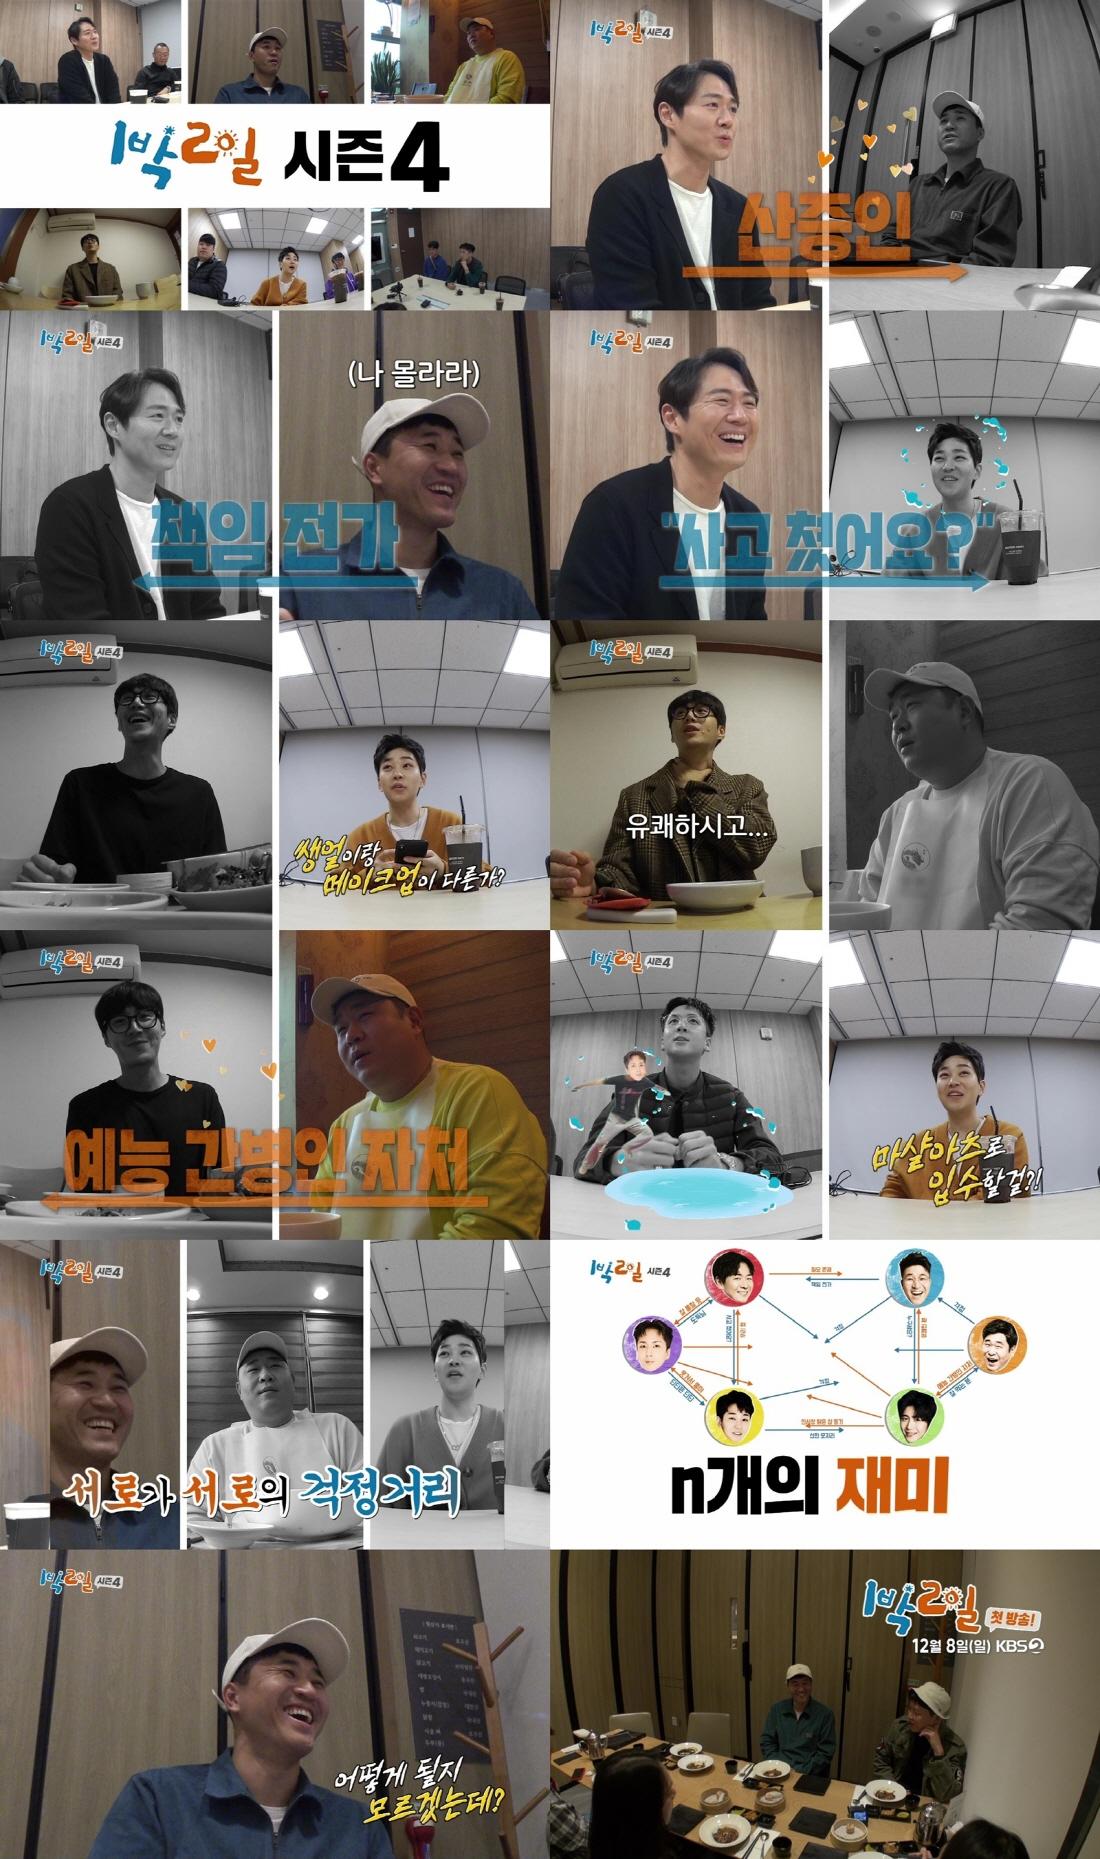 '1박2일' 시즌4, 연정훈→라비 케미 기대감 끌어올리는 첫 티저 공개